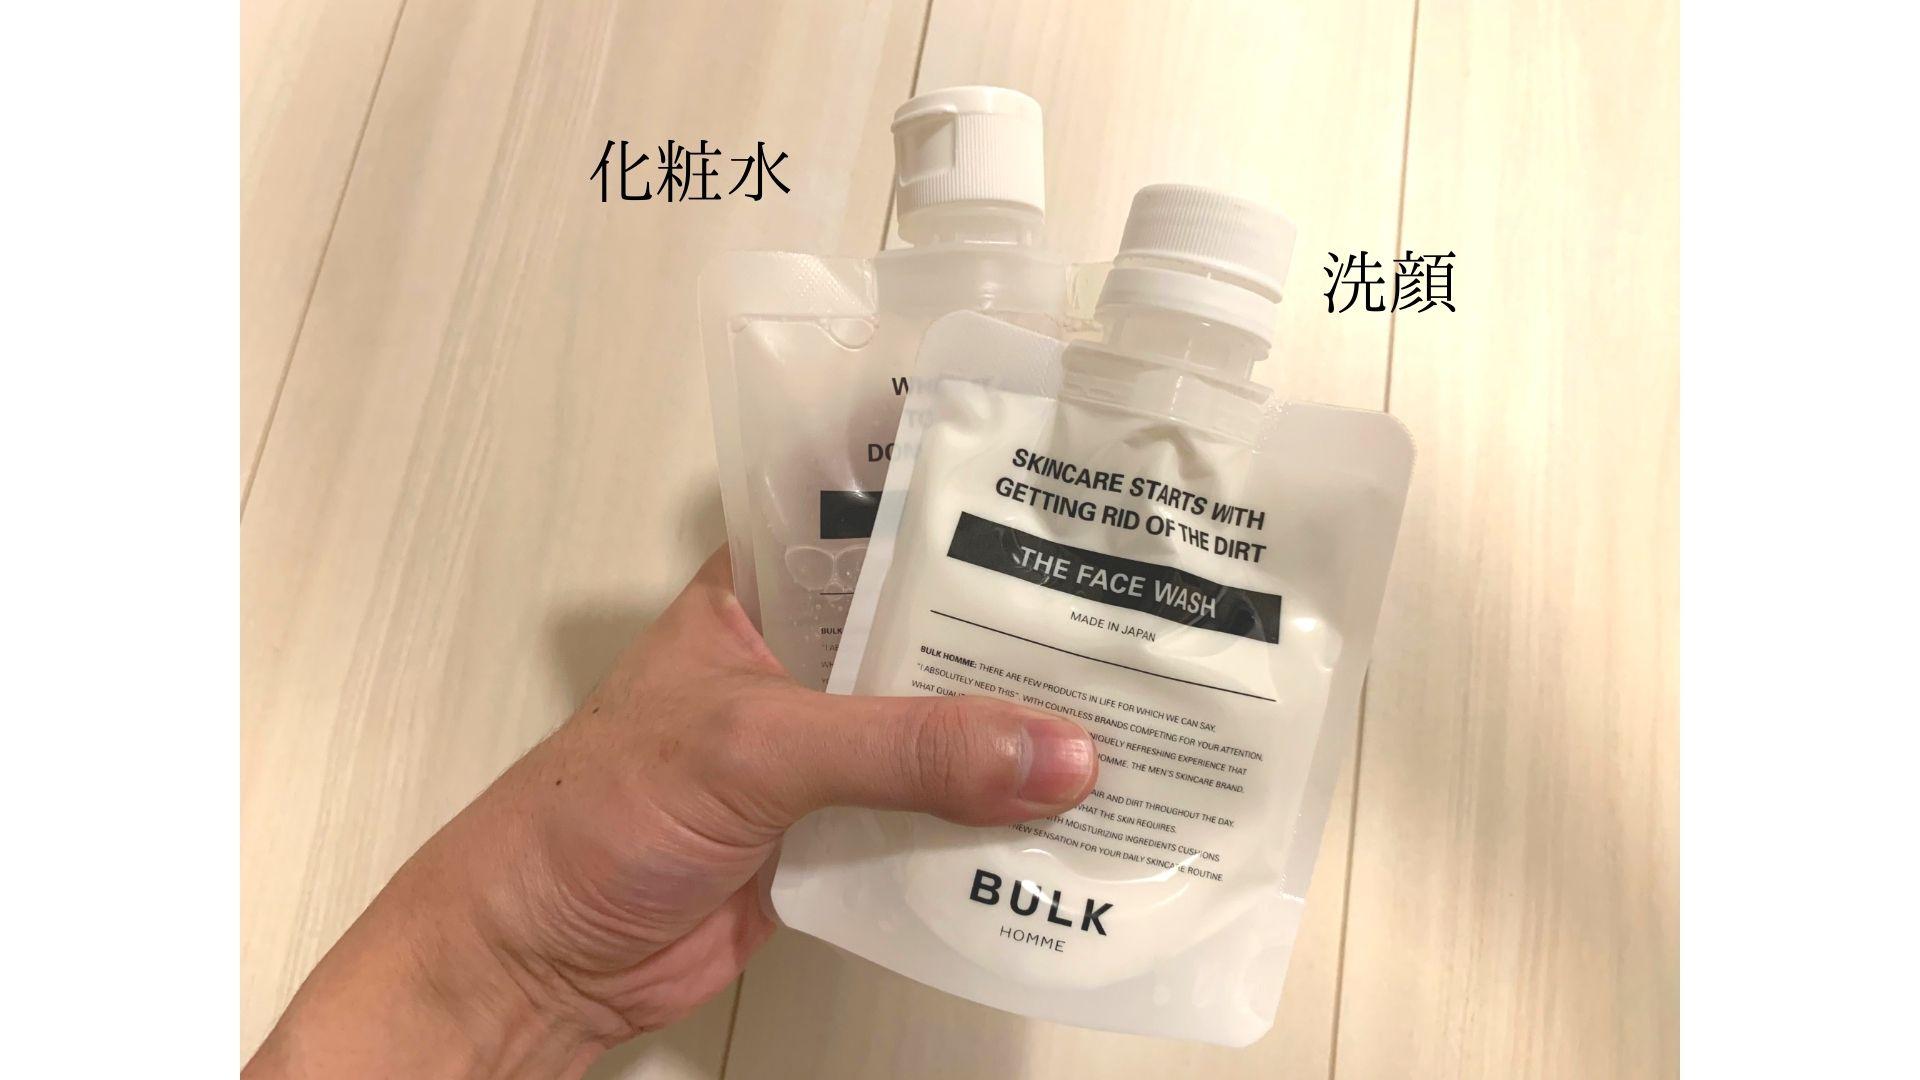 バルクオムの洗顔と化粧水のサイズ